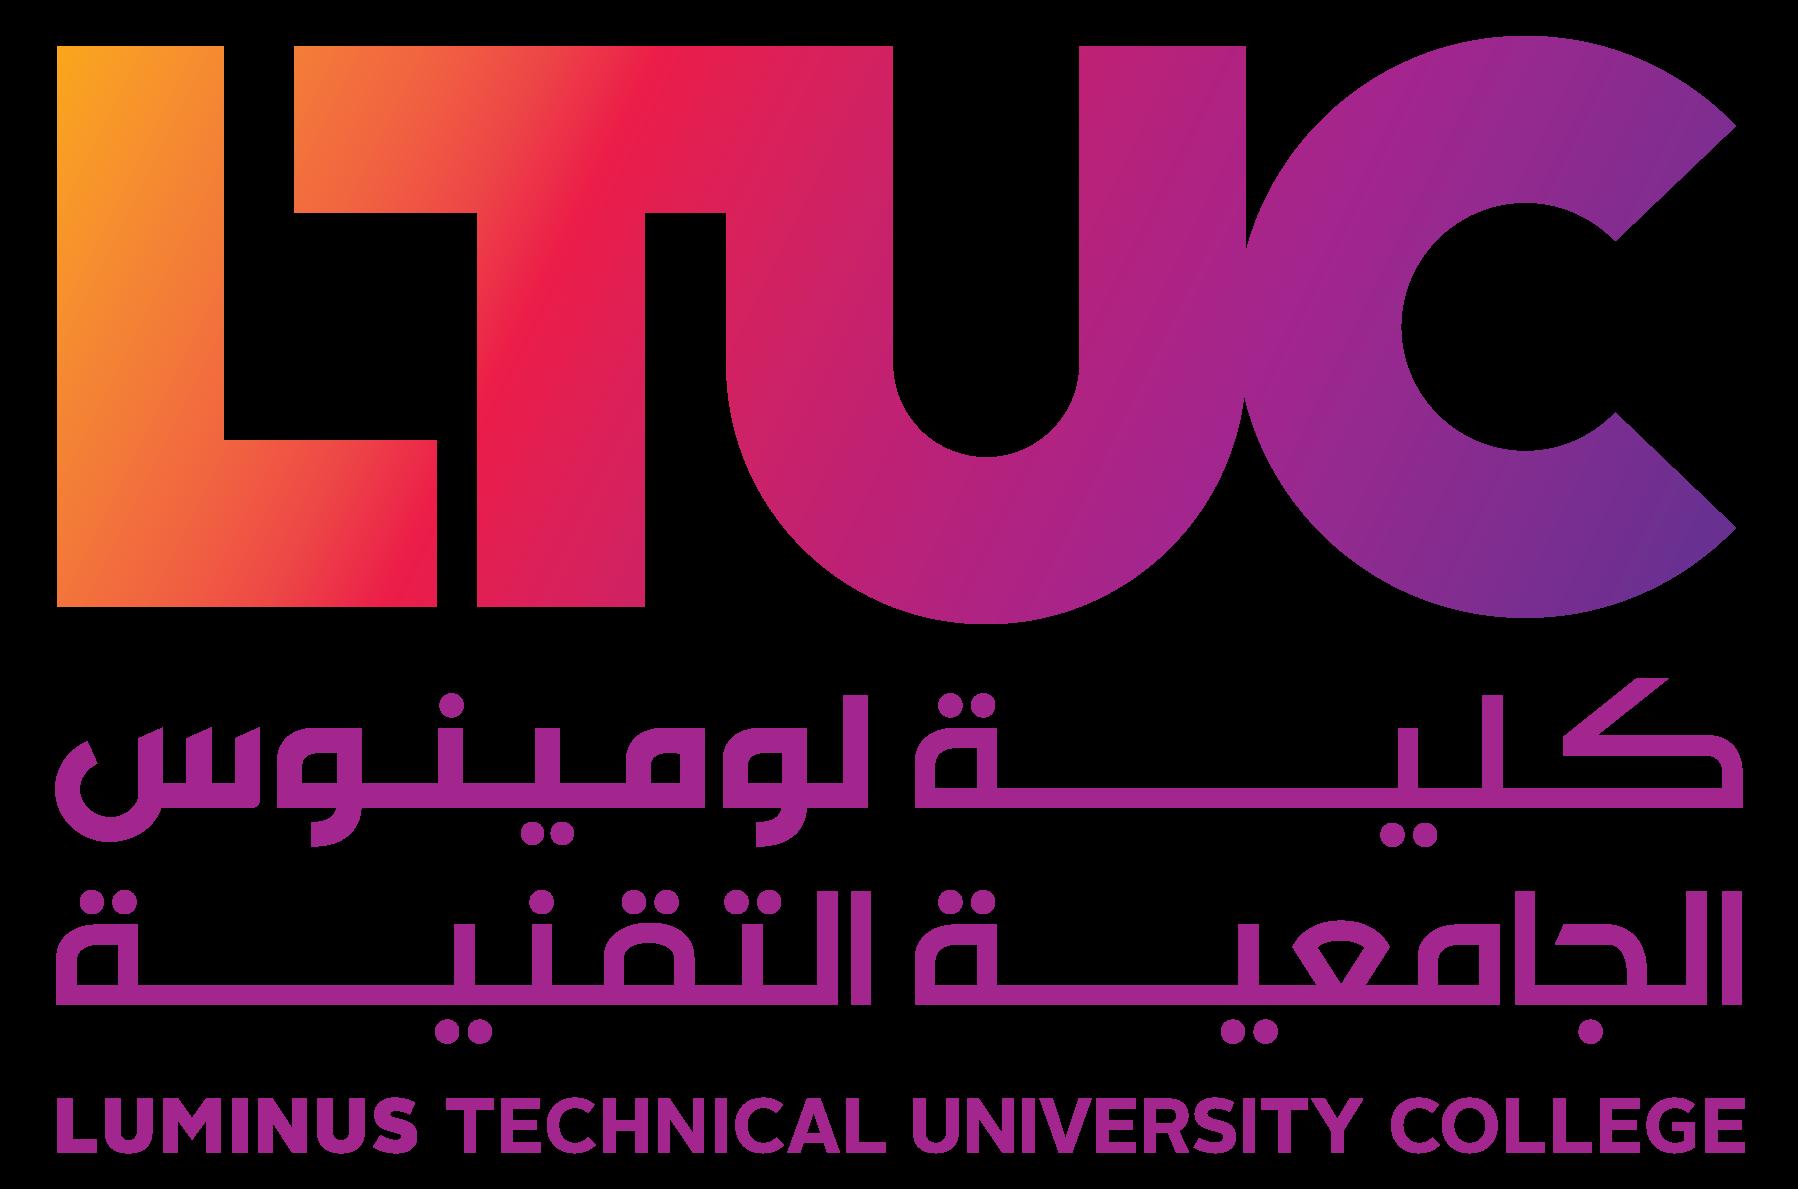 كلية لومينوس الجامعية التقنية تقدم انترنت عالي السرعة مجاناً لطلابها